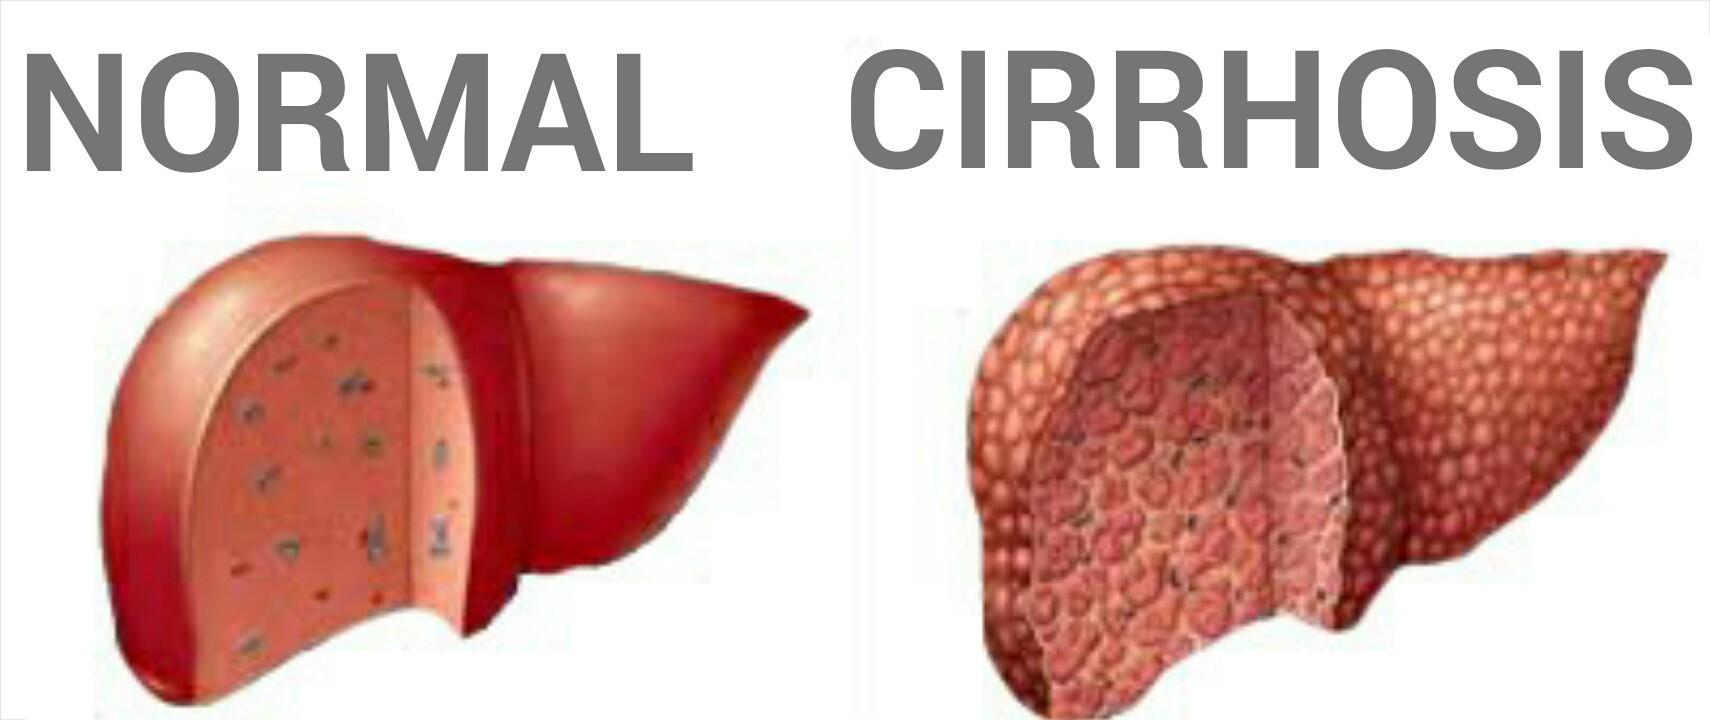 Кардиальный цирроз печени: причины, симптомы, лечение и прогноз